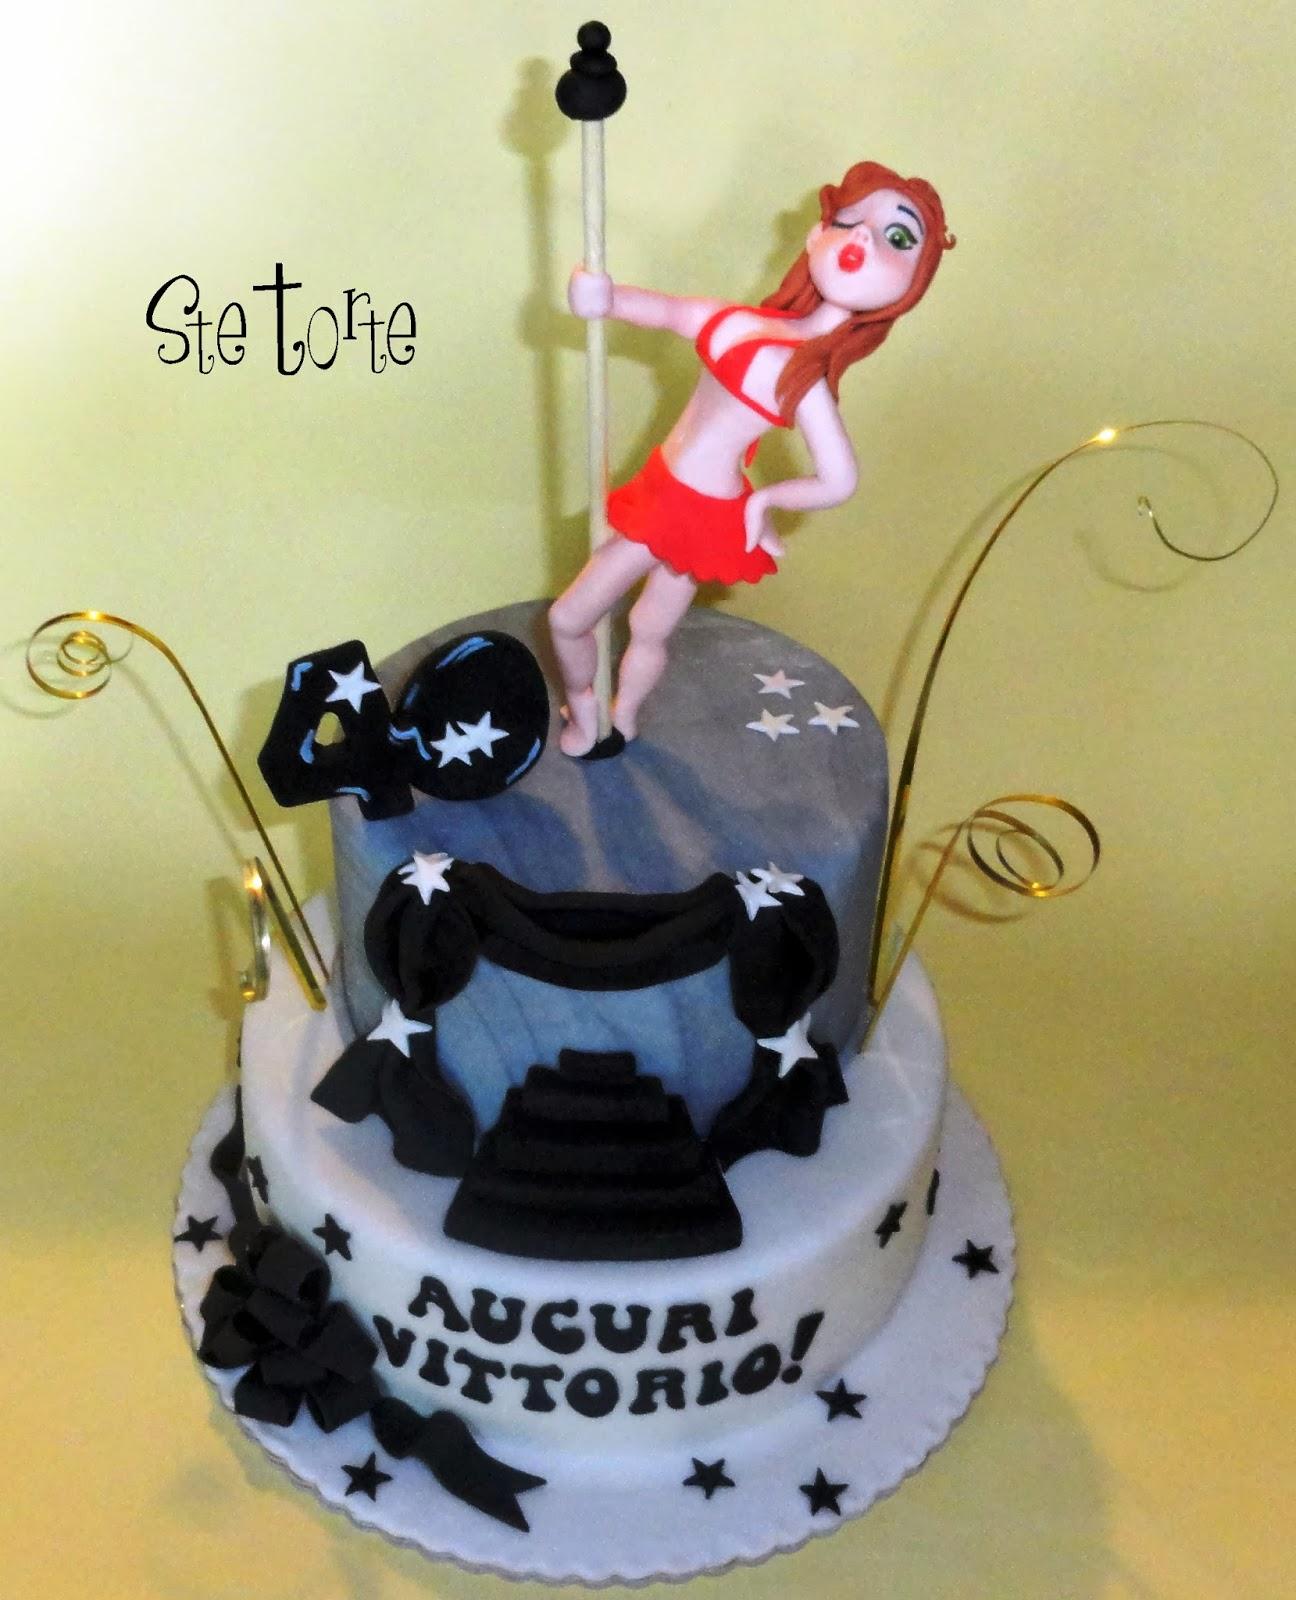 Ste torte torta 40 anni uomo for Decorazioni torte 40 anni uomo